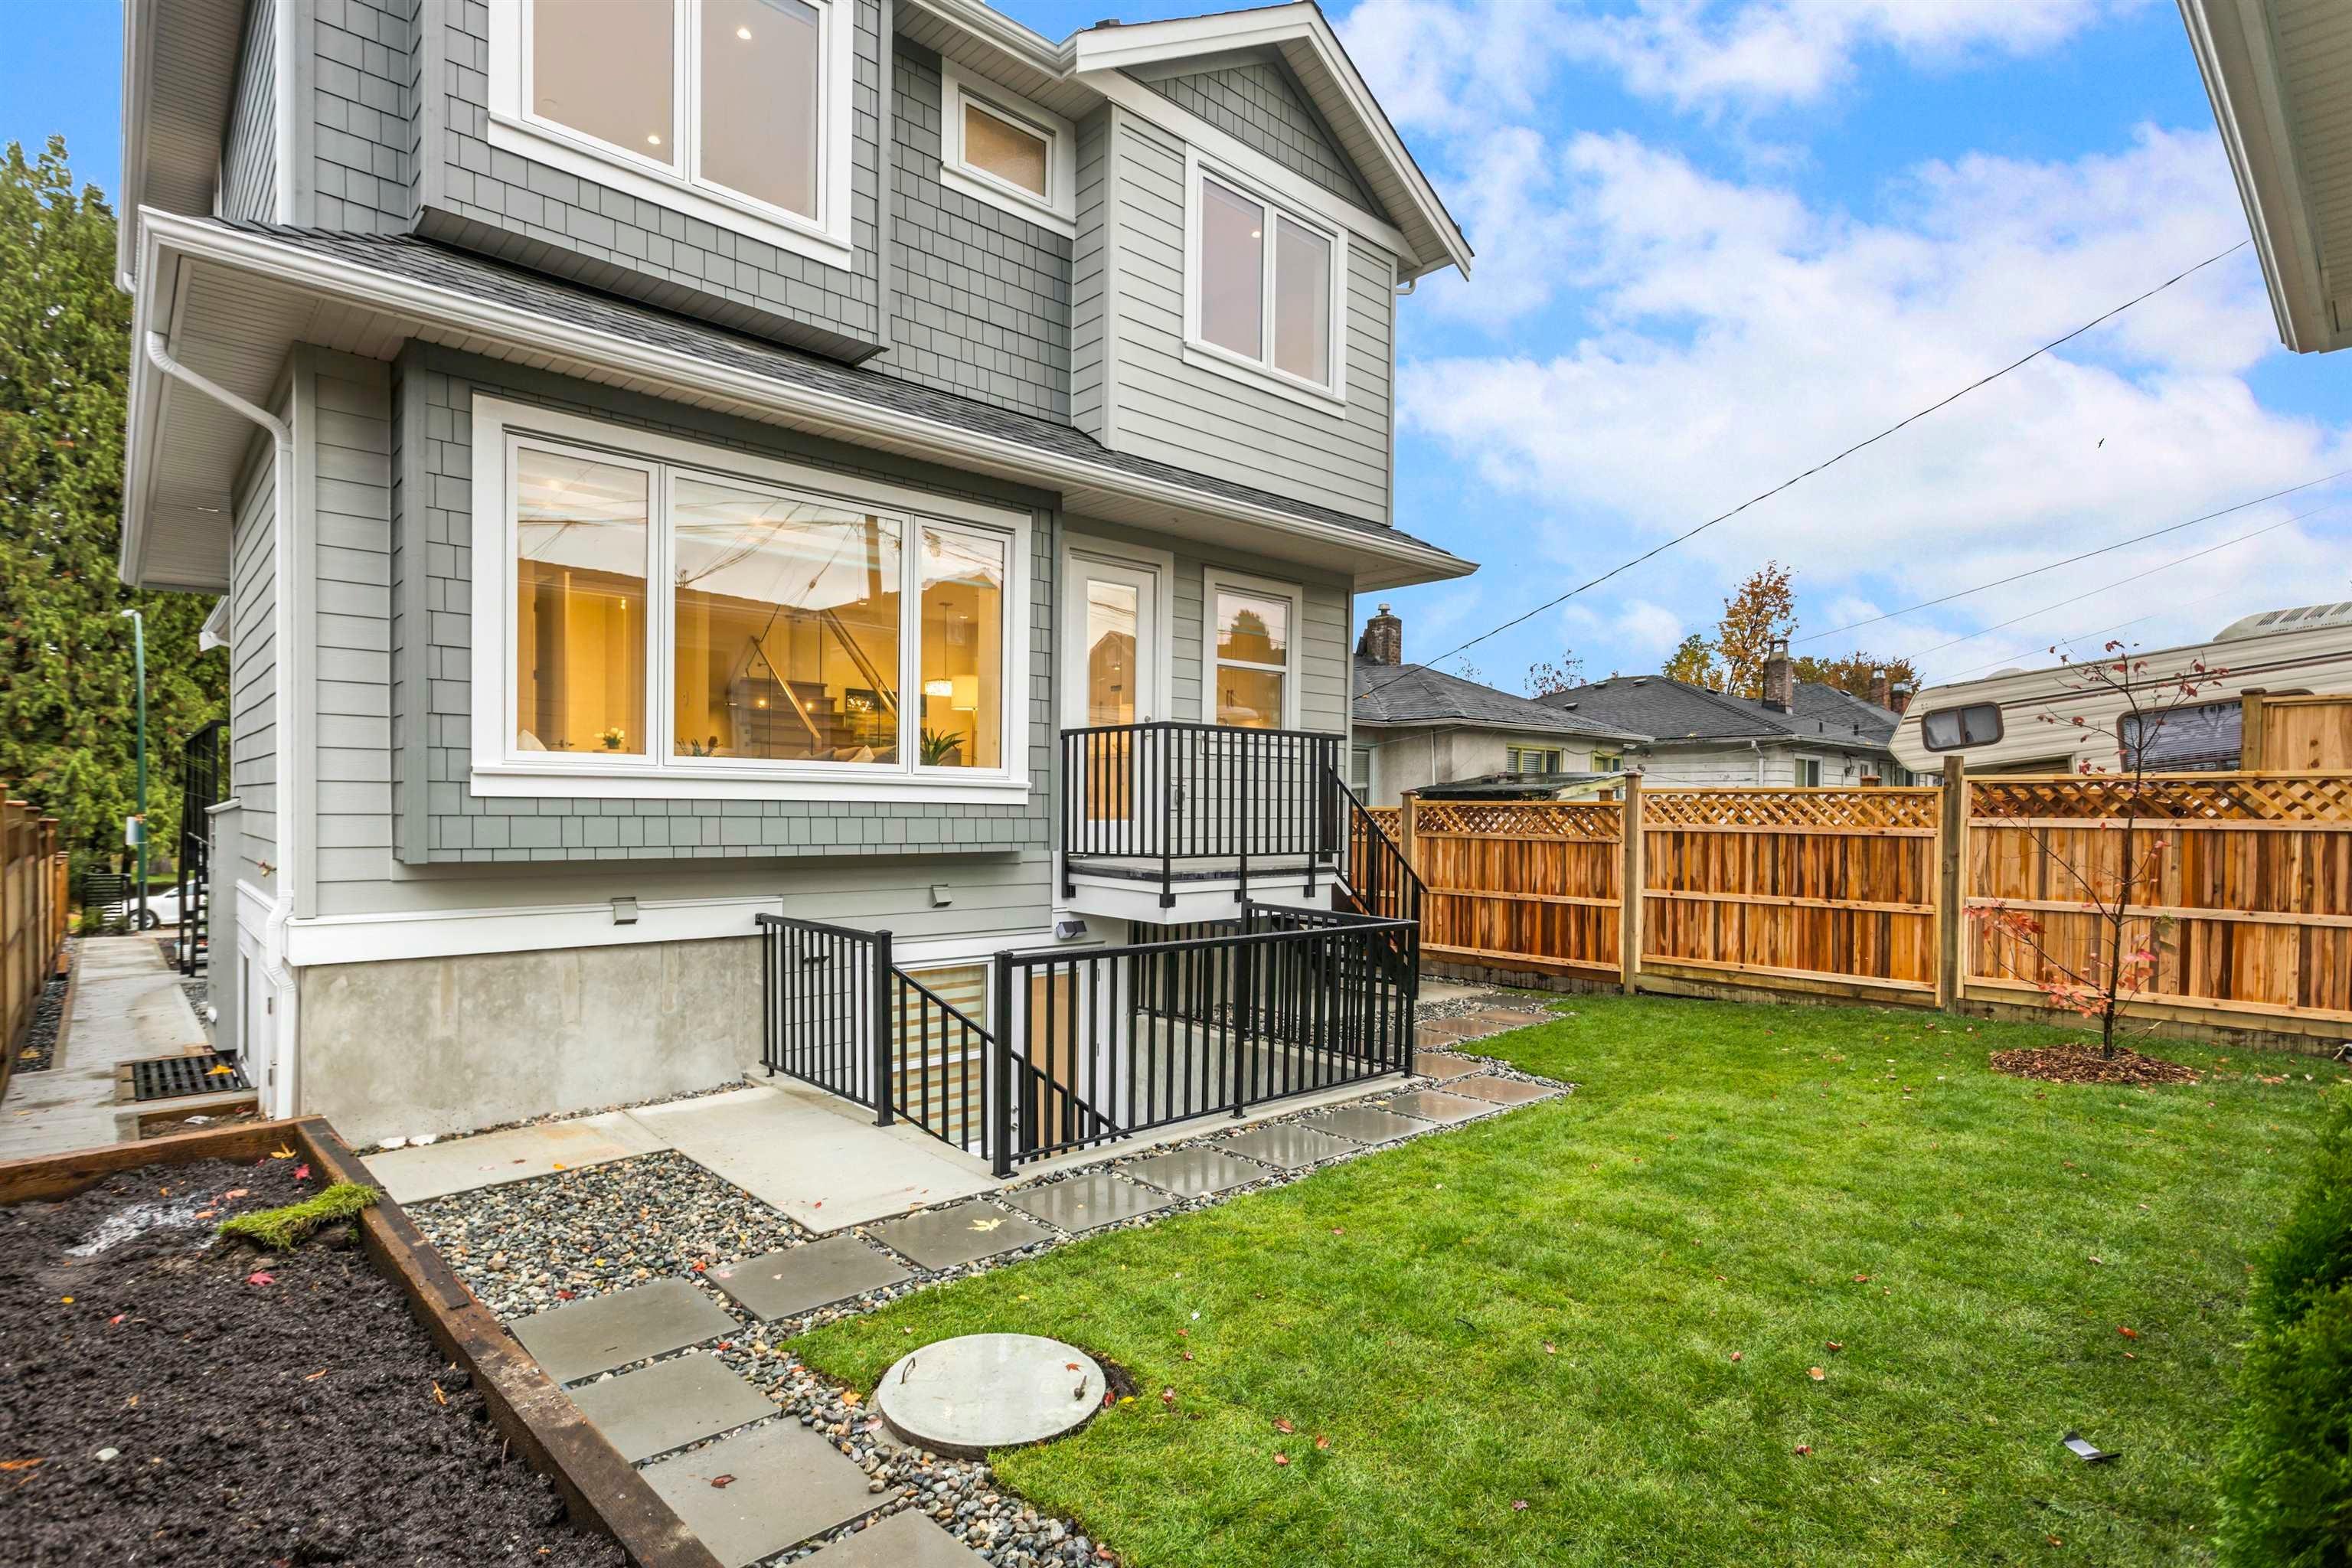 5753 PRINCE ALBERT STREET - Fraser VE 1/2 Duplex for sale, 5 Bedrooms (R2628473) - #1